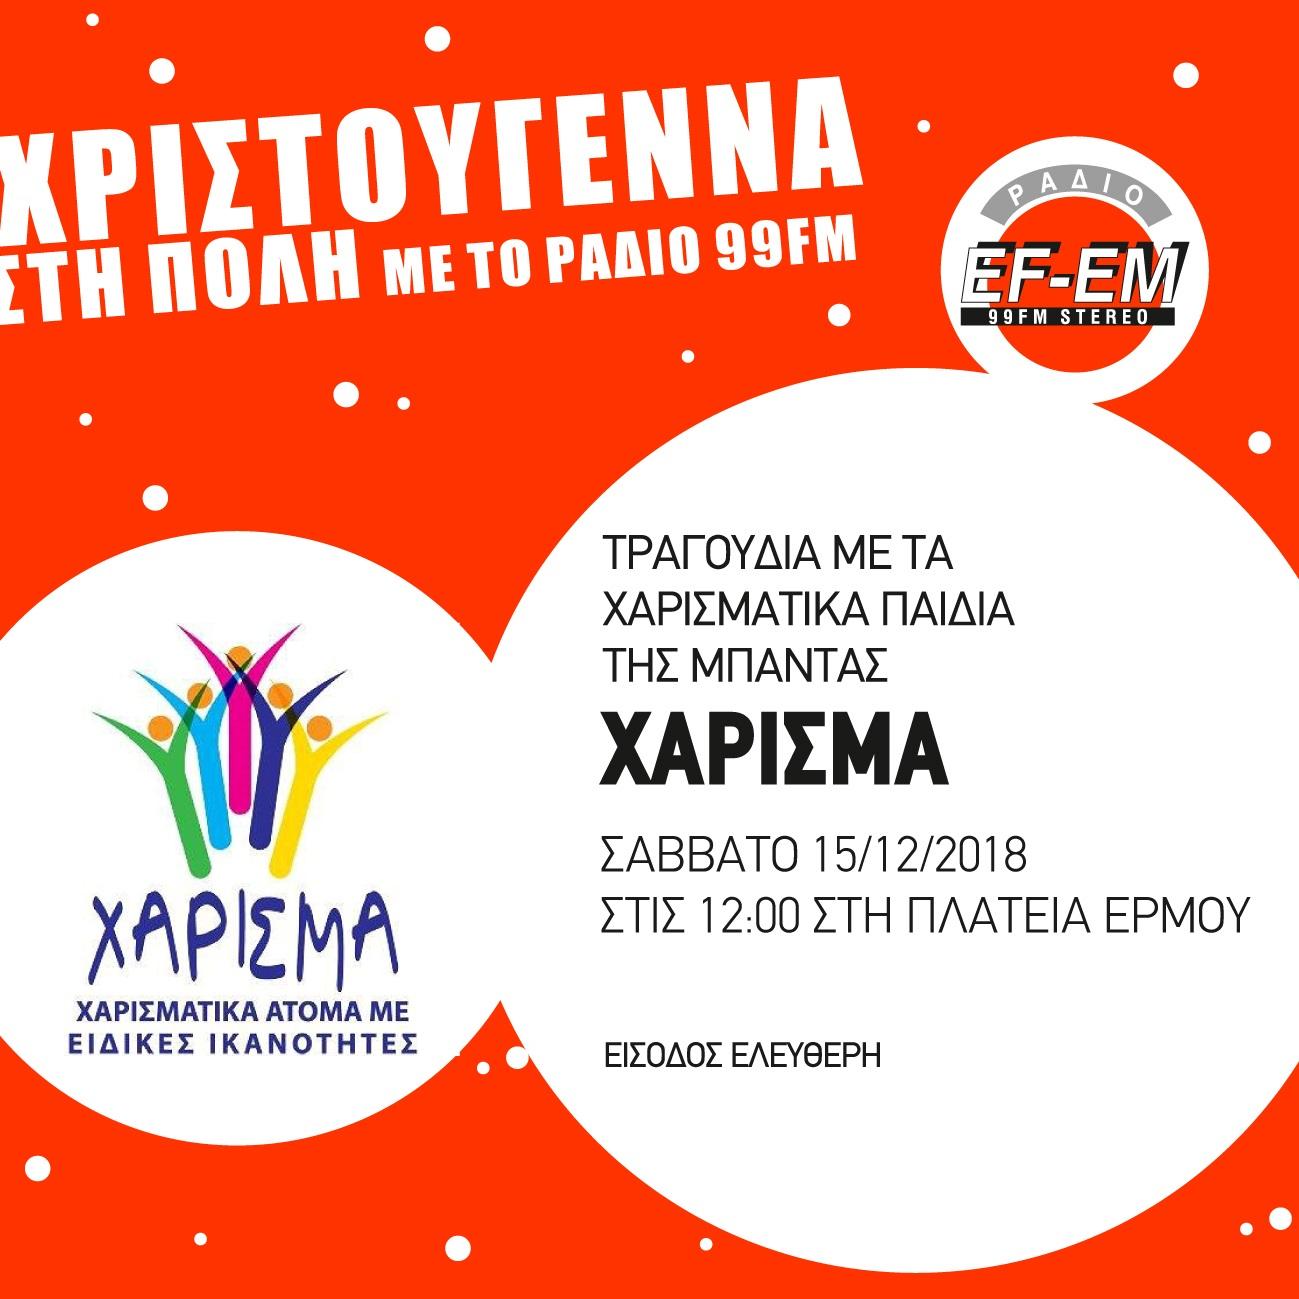 Χριστούγεννα στη πόλη μας μαζί με το Ράδιο 99FM